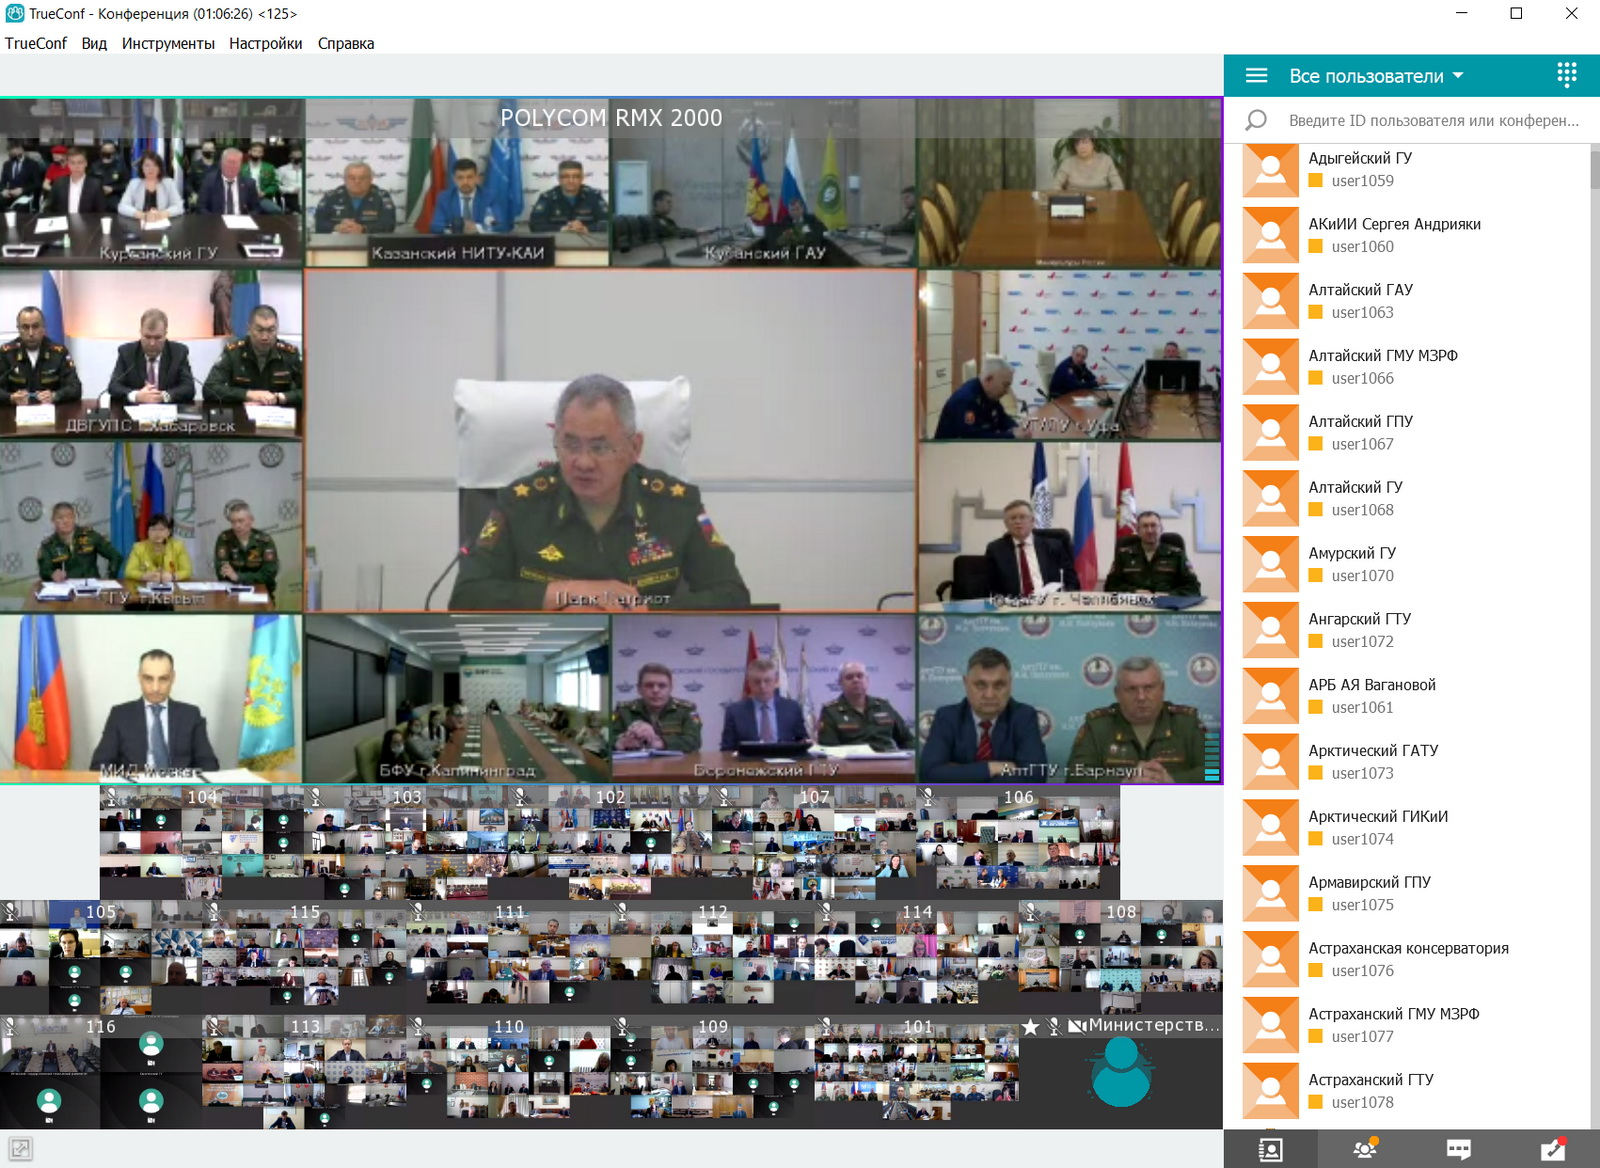 «Ростелеком» и TrueConf организовали видеоконференцию с рекордным количеством одновременно выведенных на экран видимых участников